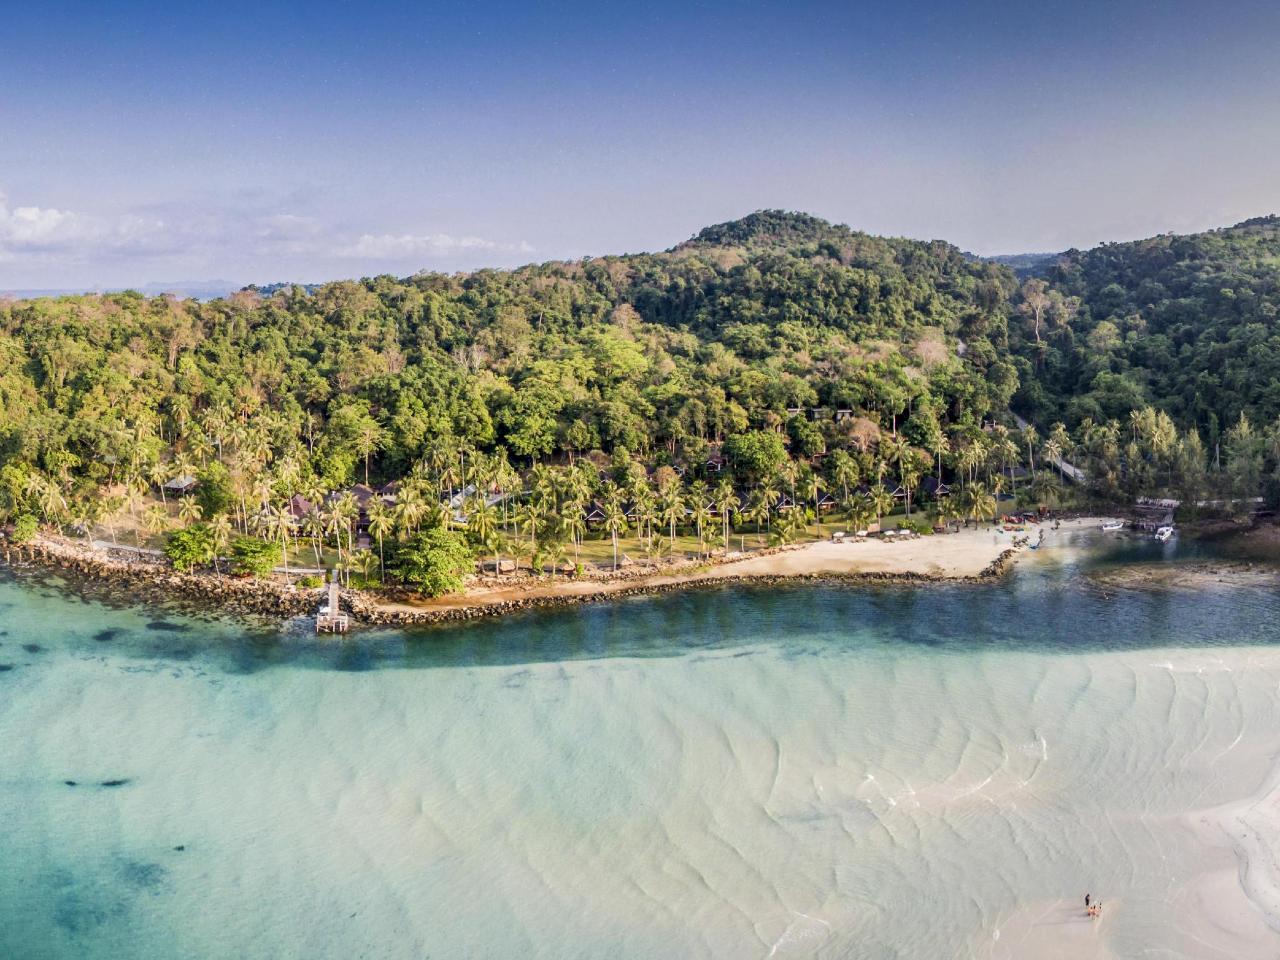 อเวย์ เกาะกูด รีสอร์ท (Away Koh Kood Resort)